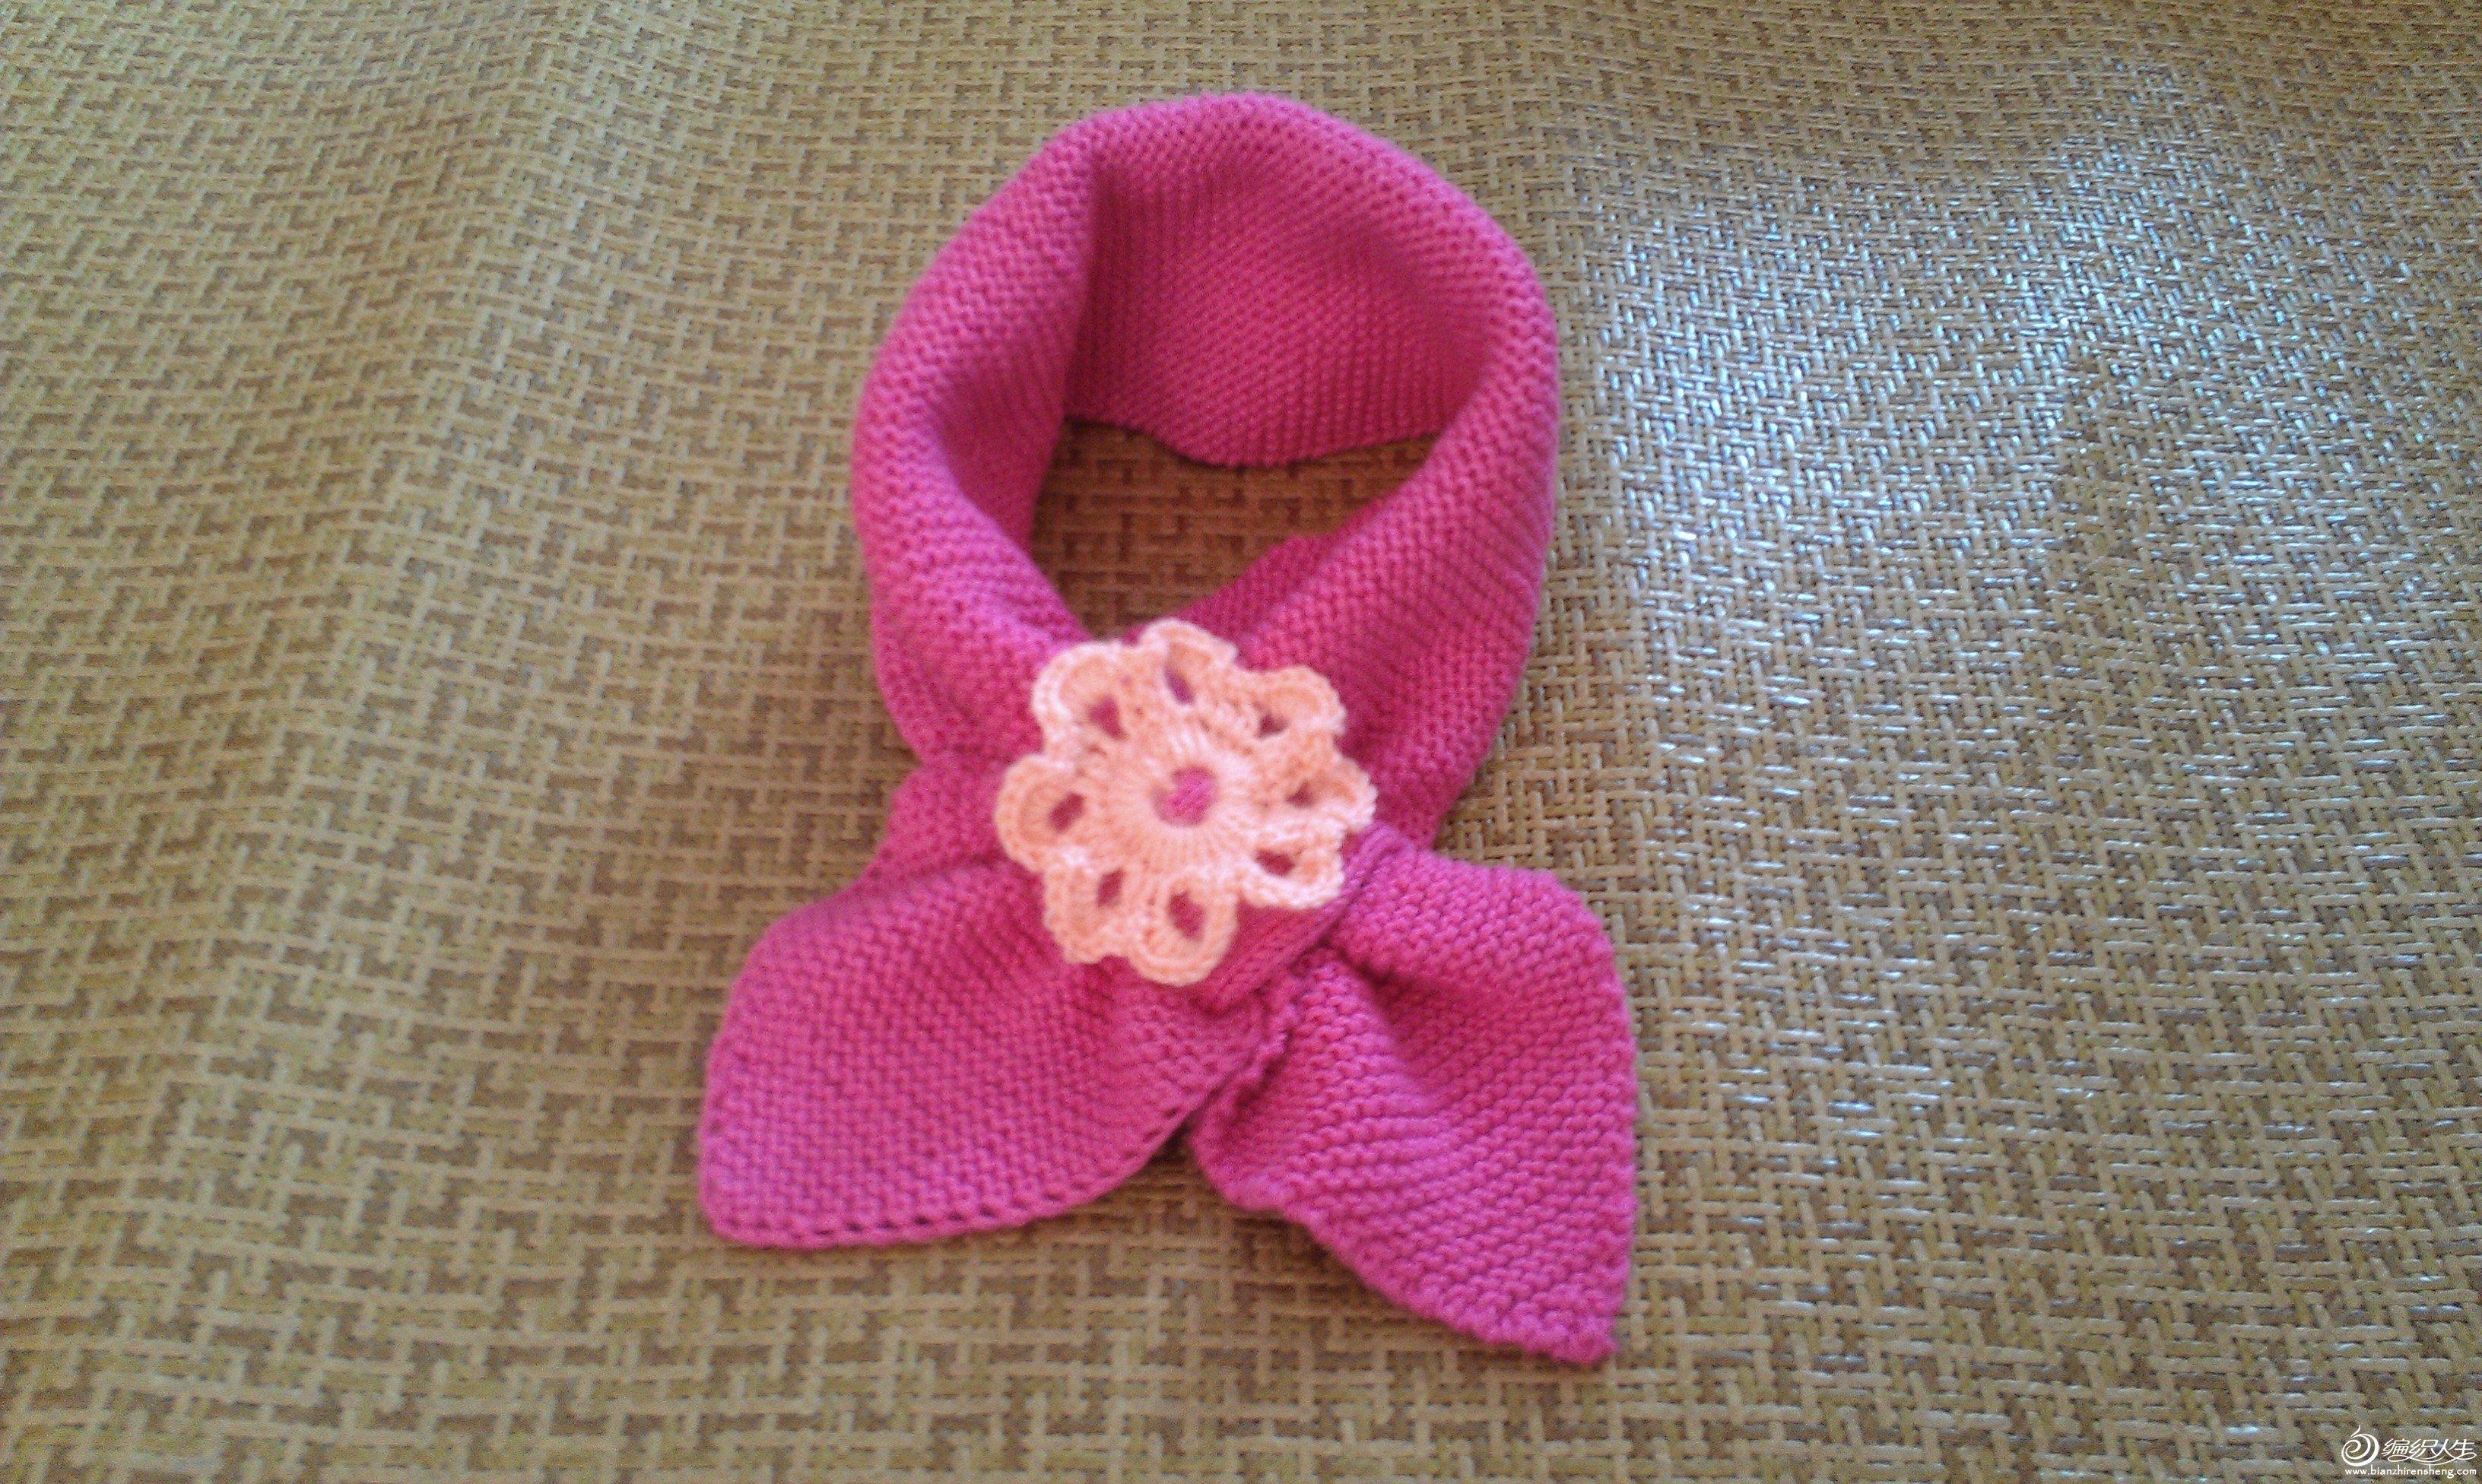 蝴蝶围巾,姐姐说小孩子不喜欢围巾